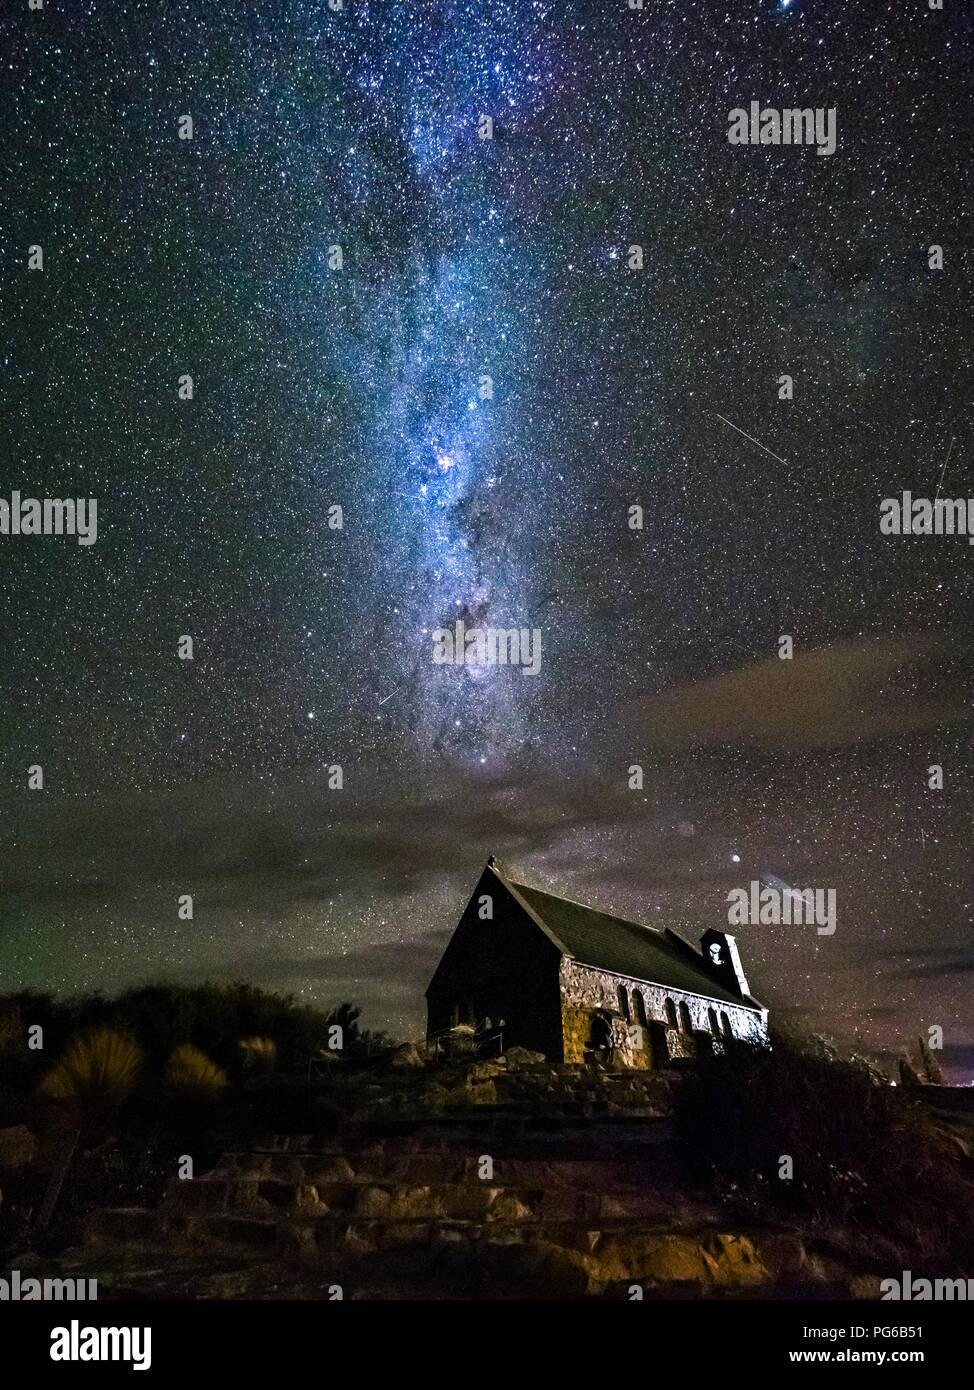 Nueva Zelanda, Isla del Sur, la región de Canterbury, la Iglesia del Buen Pastor en la noche Imagen De Stock